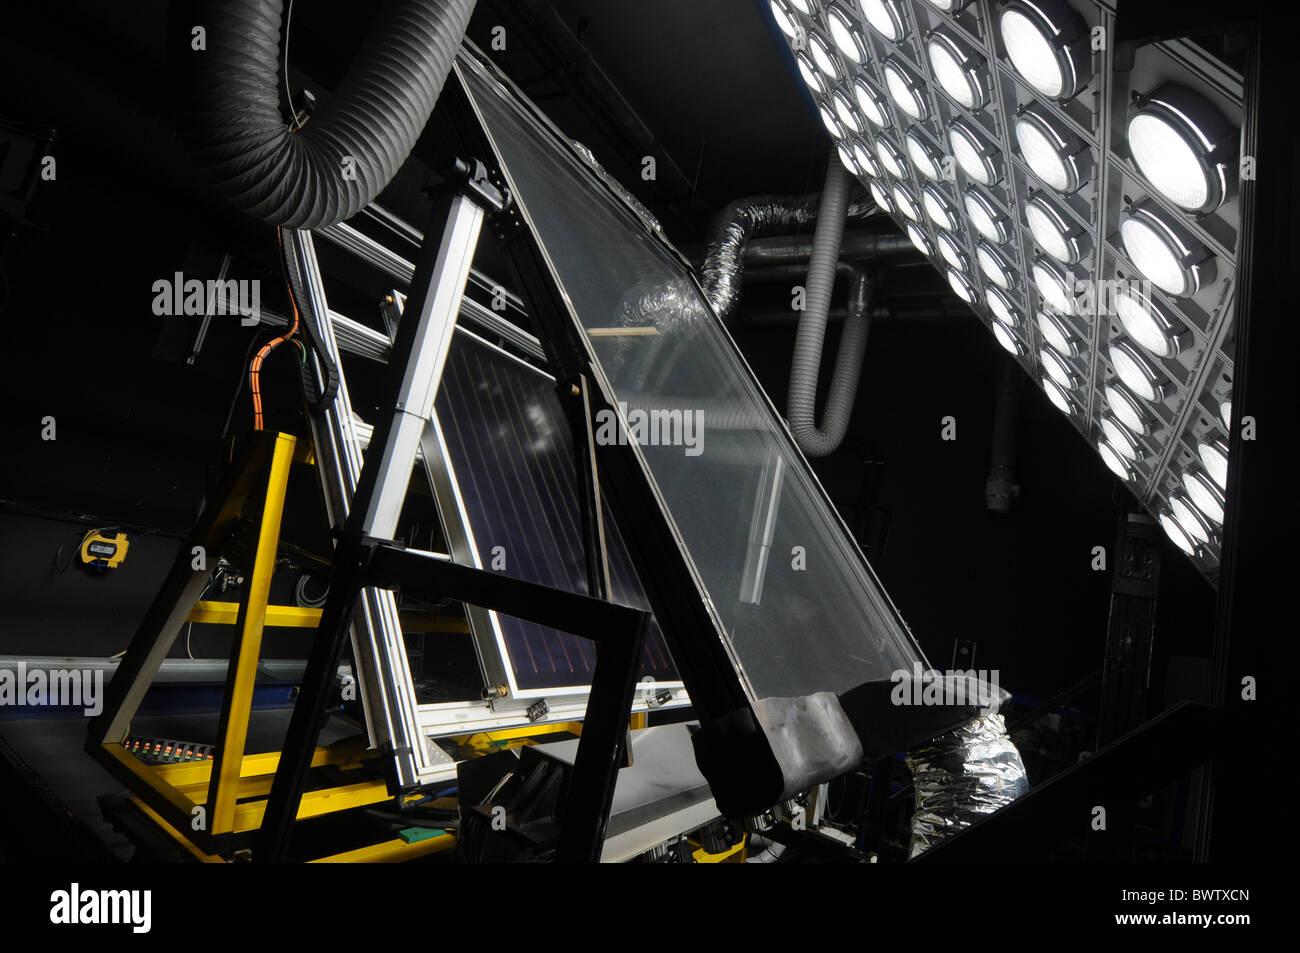 Prueba de luz con panel solar sala de investigaciones en el Centro Nacional de Energías Renovables en Navarra, Imagen De Stock